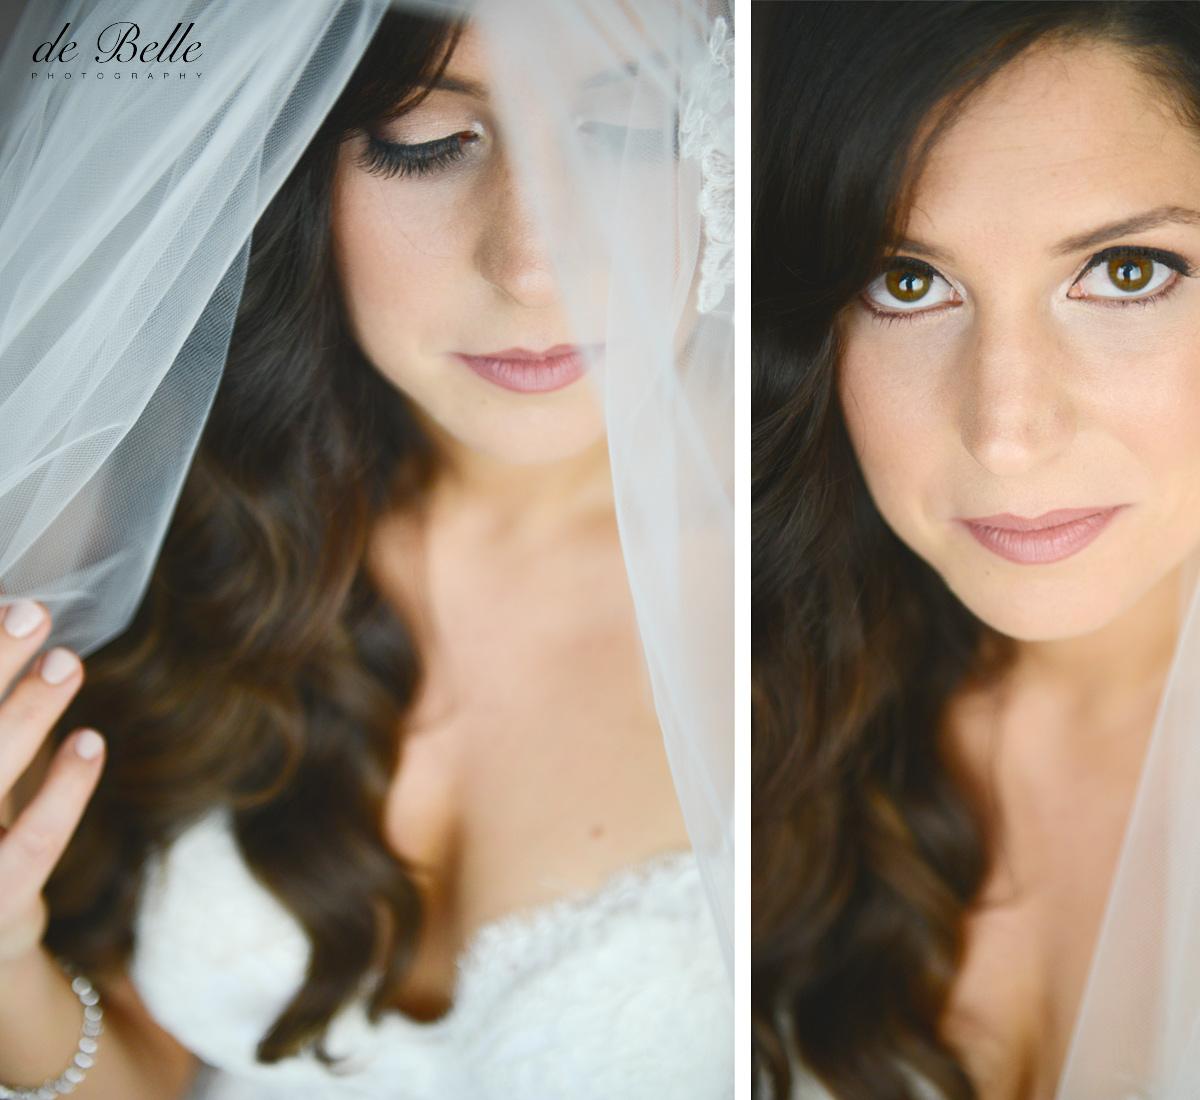 wedding_montreal_debellephotography_08